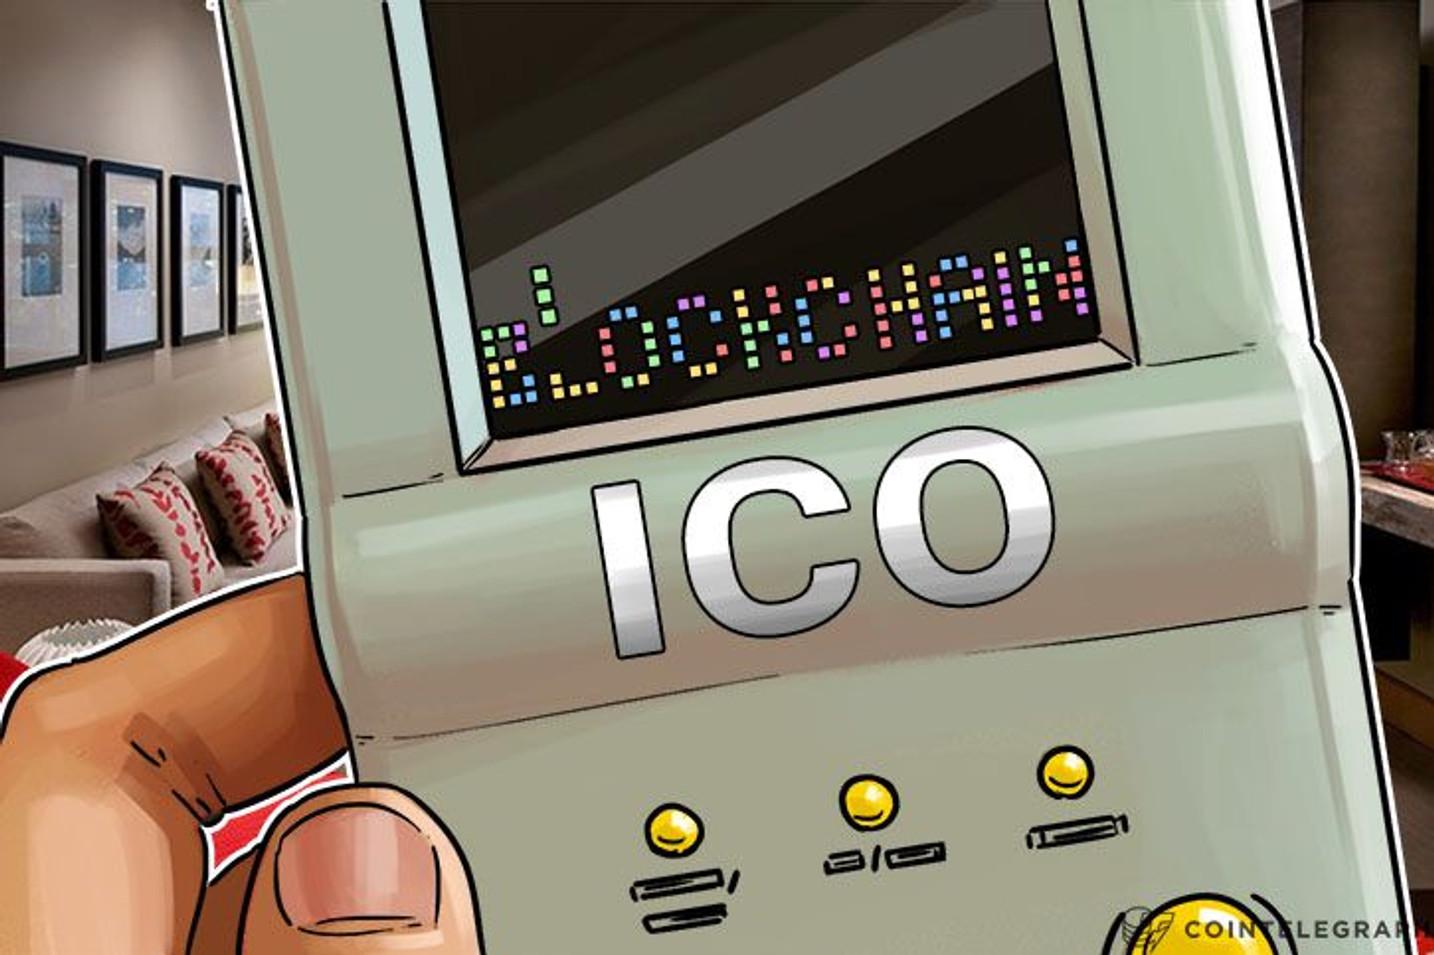 ブロックチェーン企業の多くは、ベンチャーキャピタルや投資家による初期投資よりも2.4倍の額をICOによって調達している